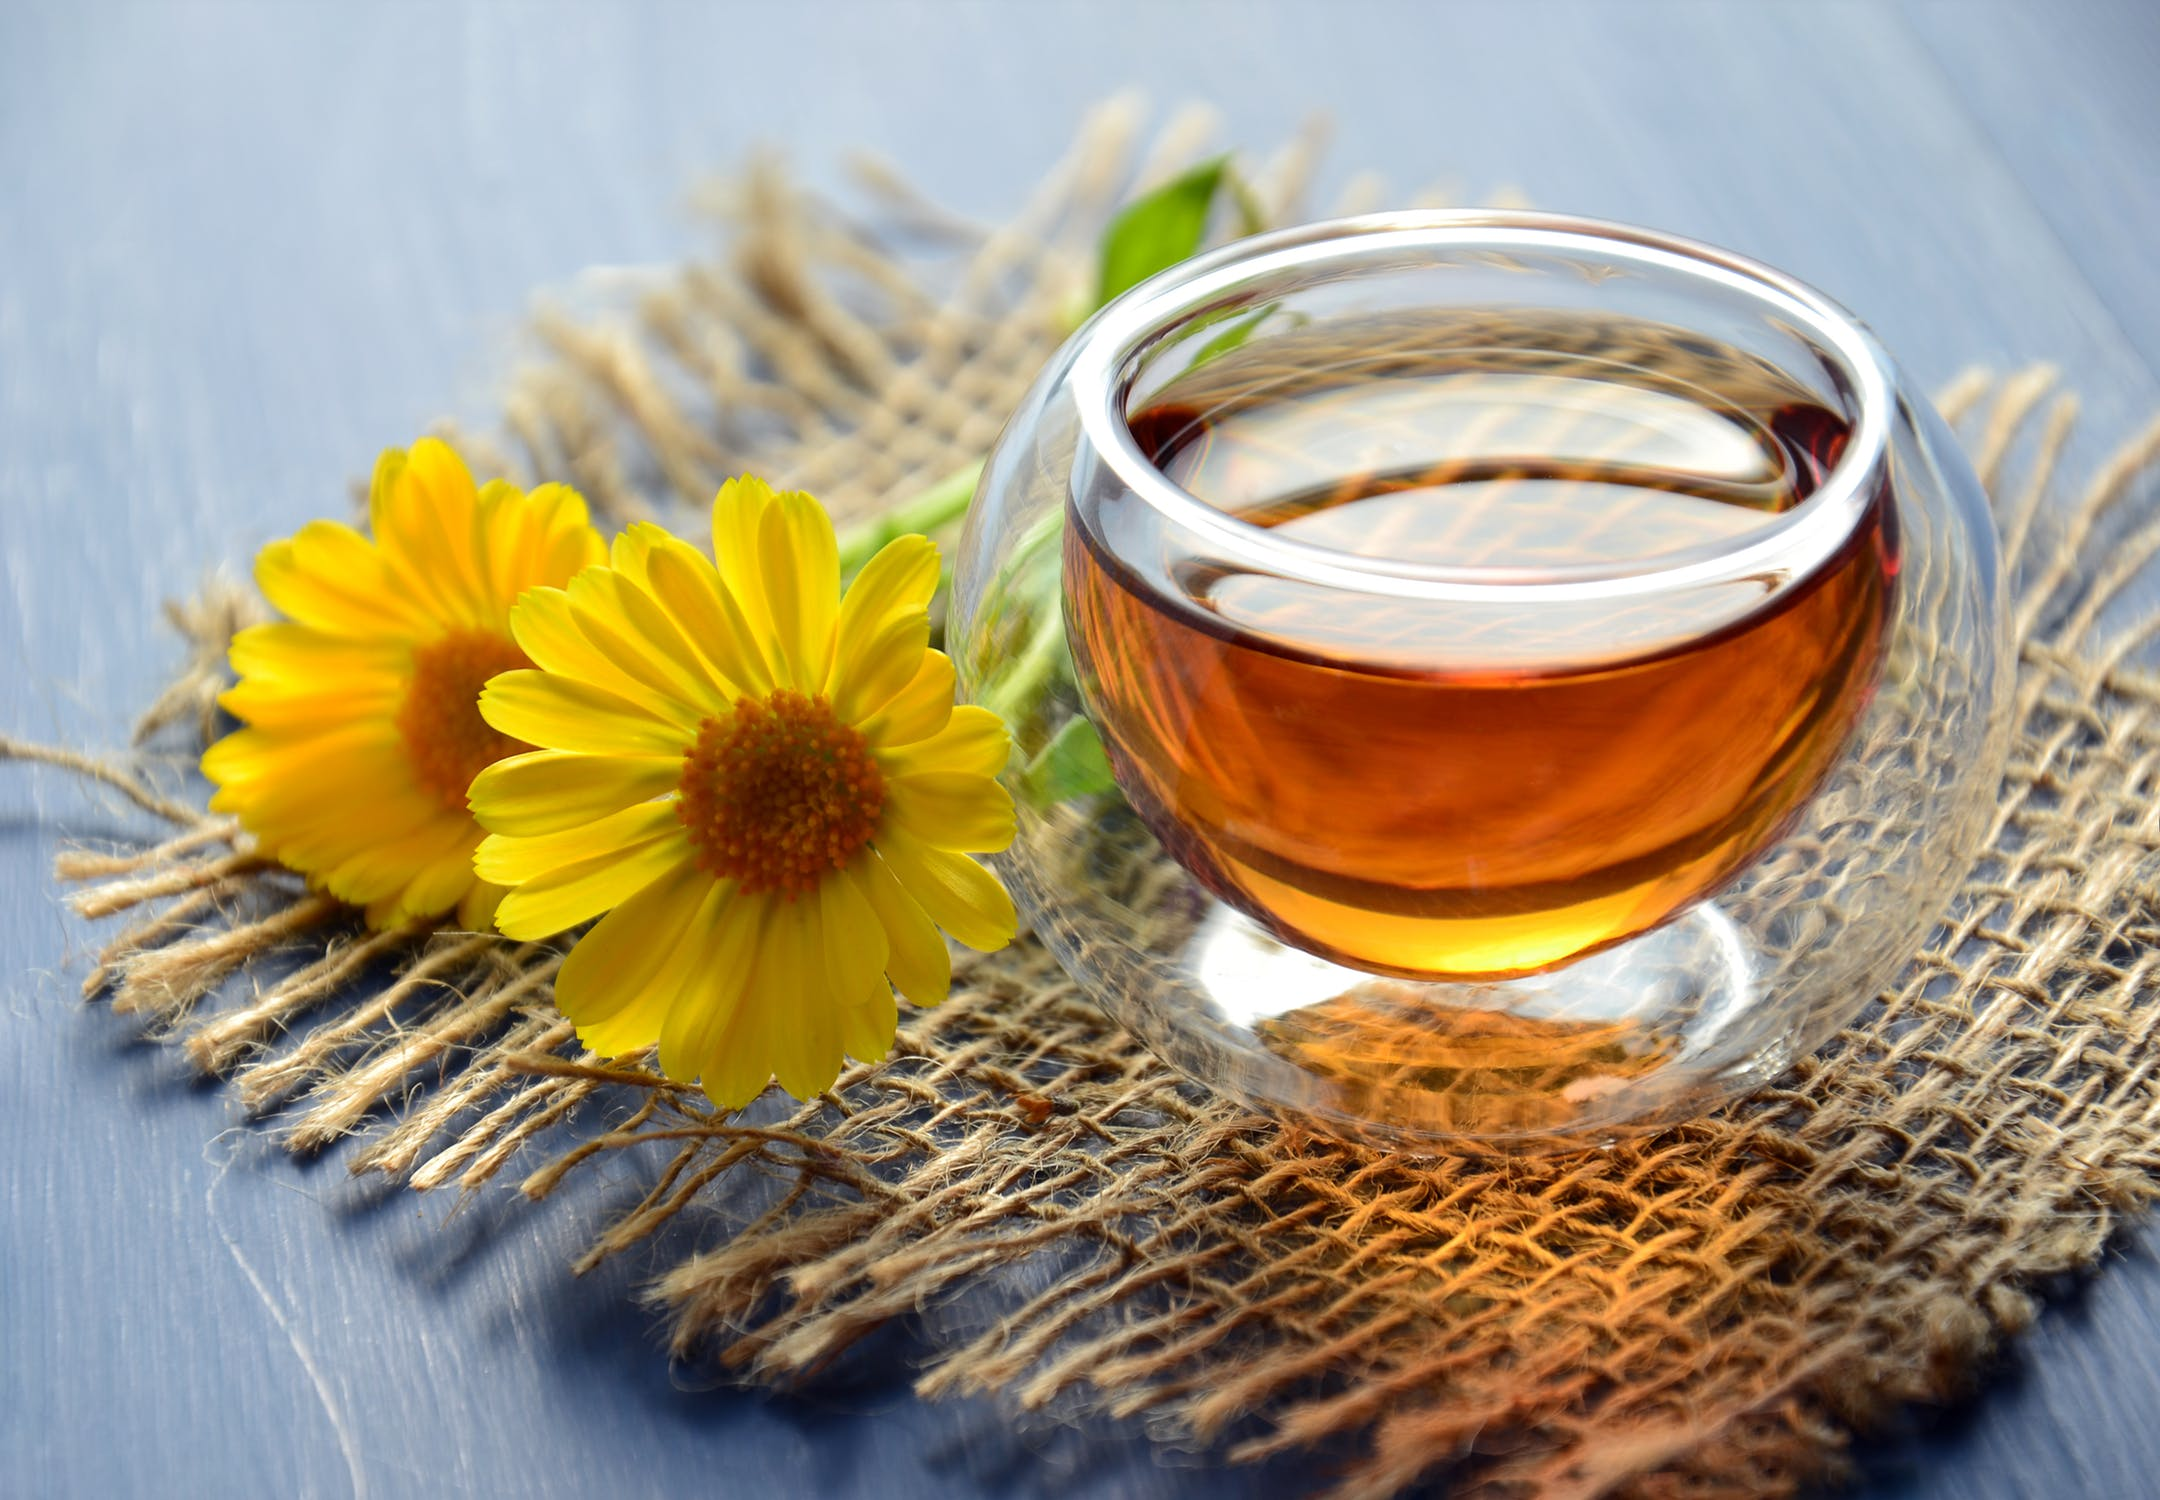 Mierea - Top 5 beneficii pentru sanatate